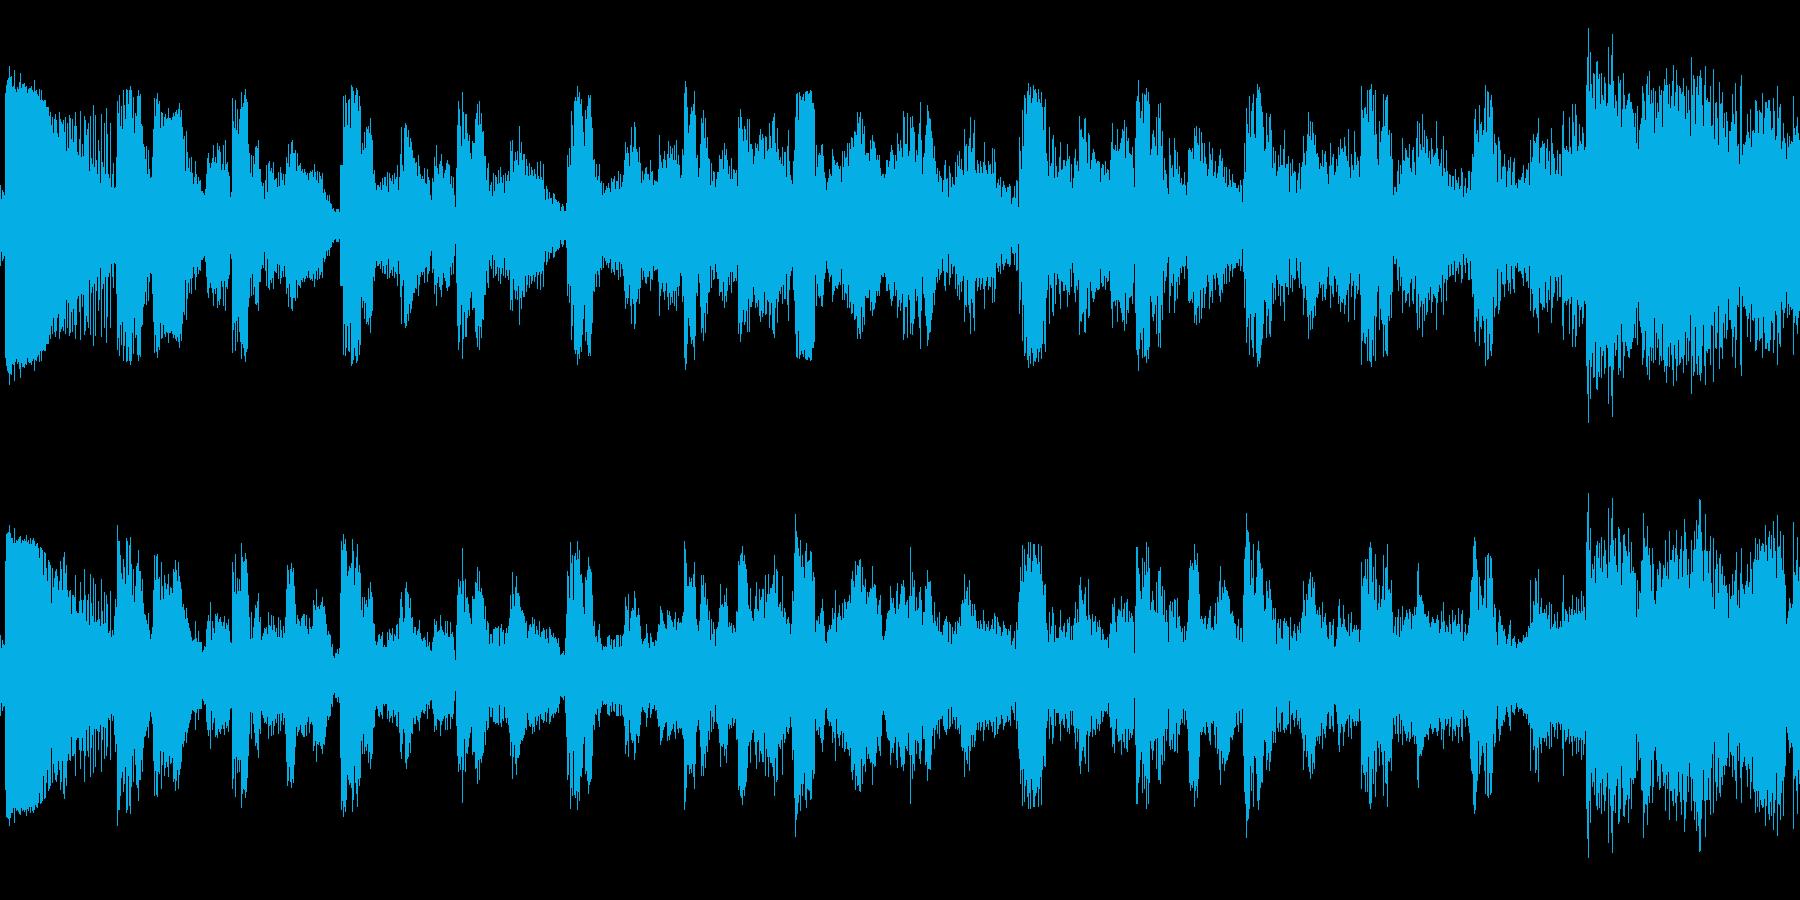 「4つ打ちのクセないダンスLoop曲」の再生済みの波形